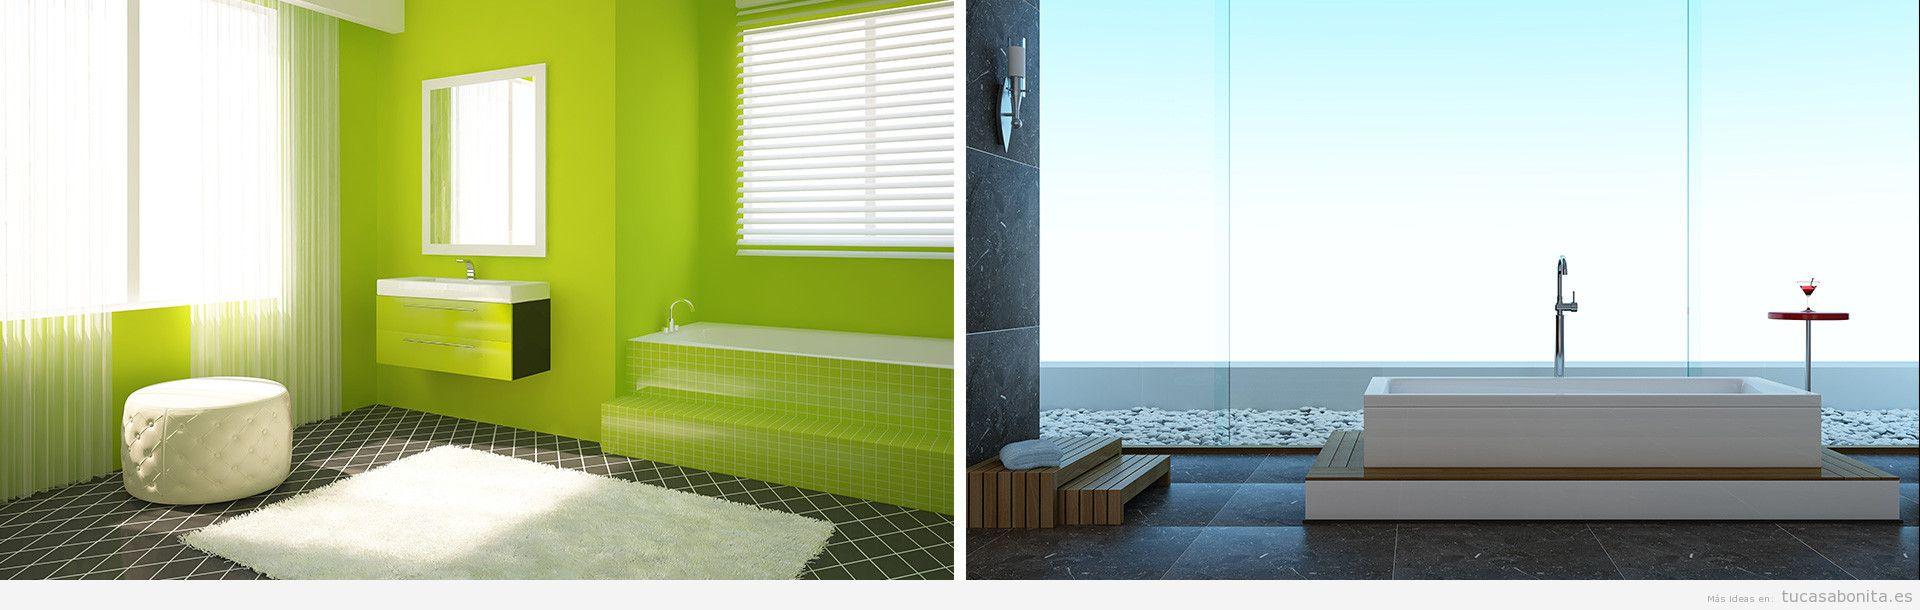 Accesorios De Un Baño:Accesorios de diseño para tu baño